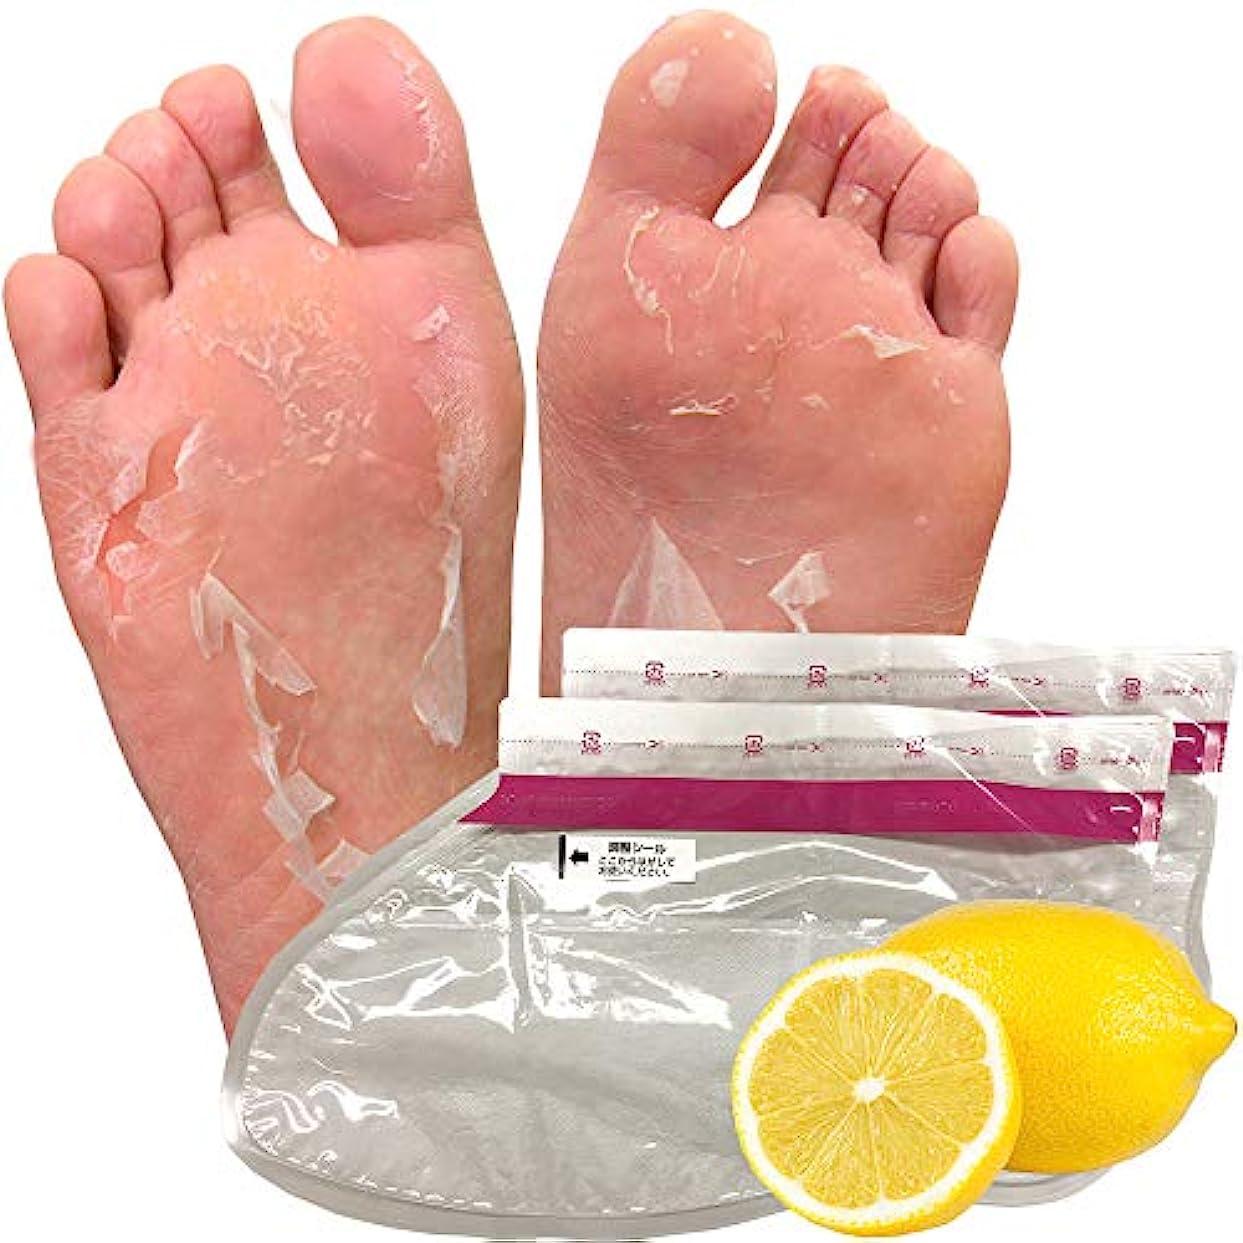 式最後のジョージエリオット【5回分】レモン フットピーリングパック ペロリン 足の角質取りパック 足 かくしつ 除去バック 足の裏